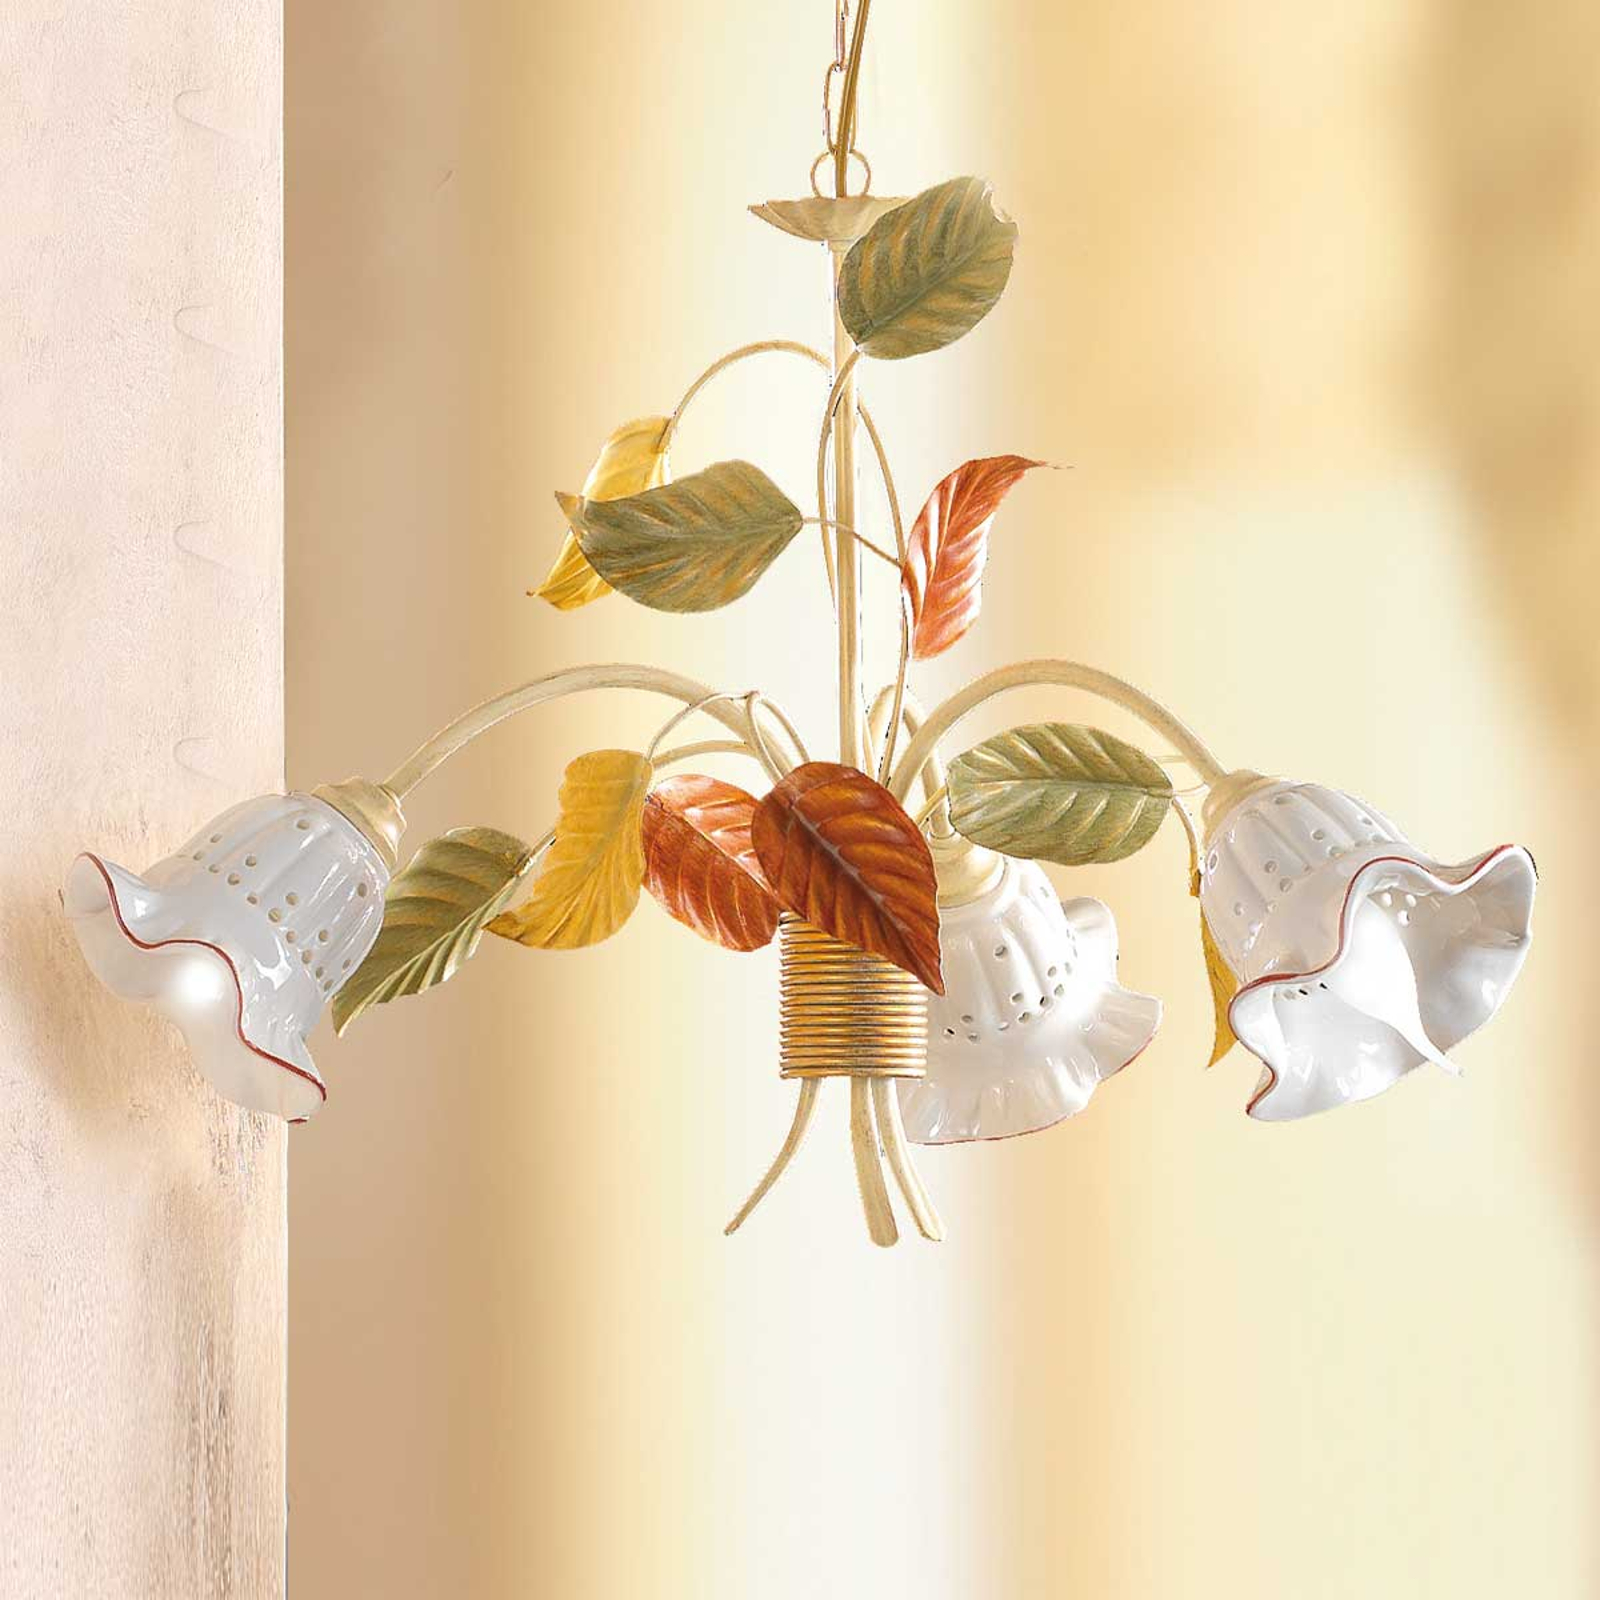 Lampa wisząca w stylu florentyńskim